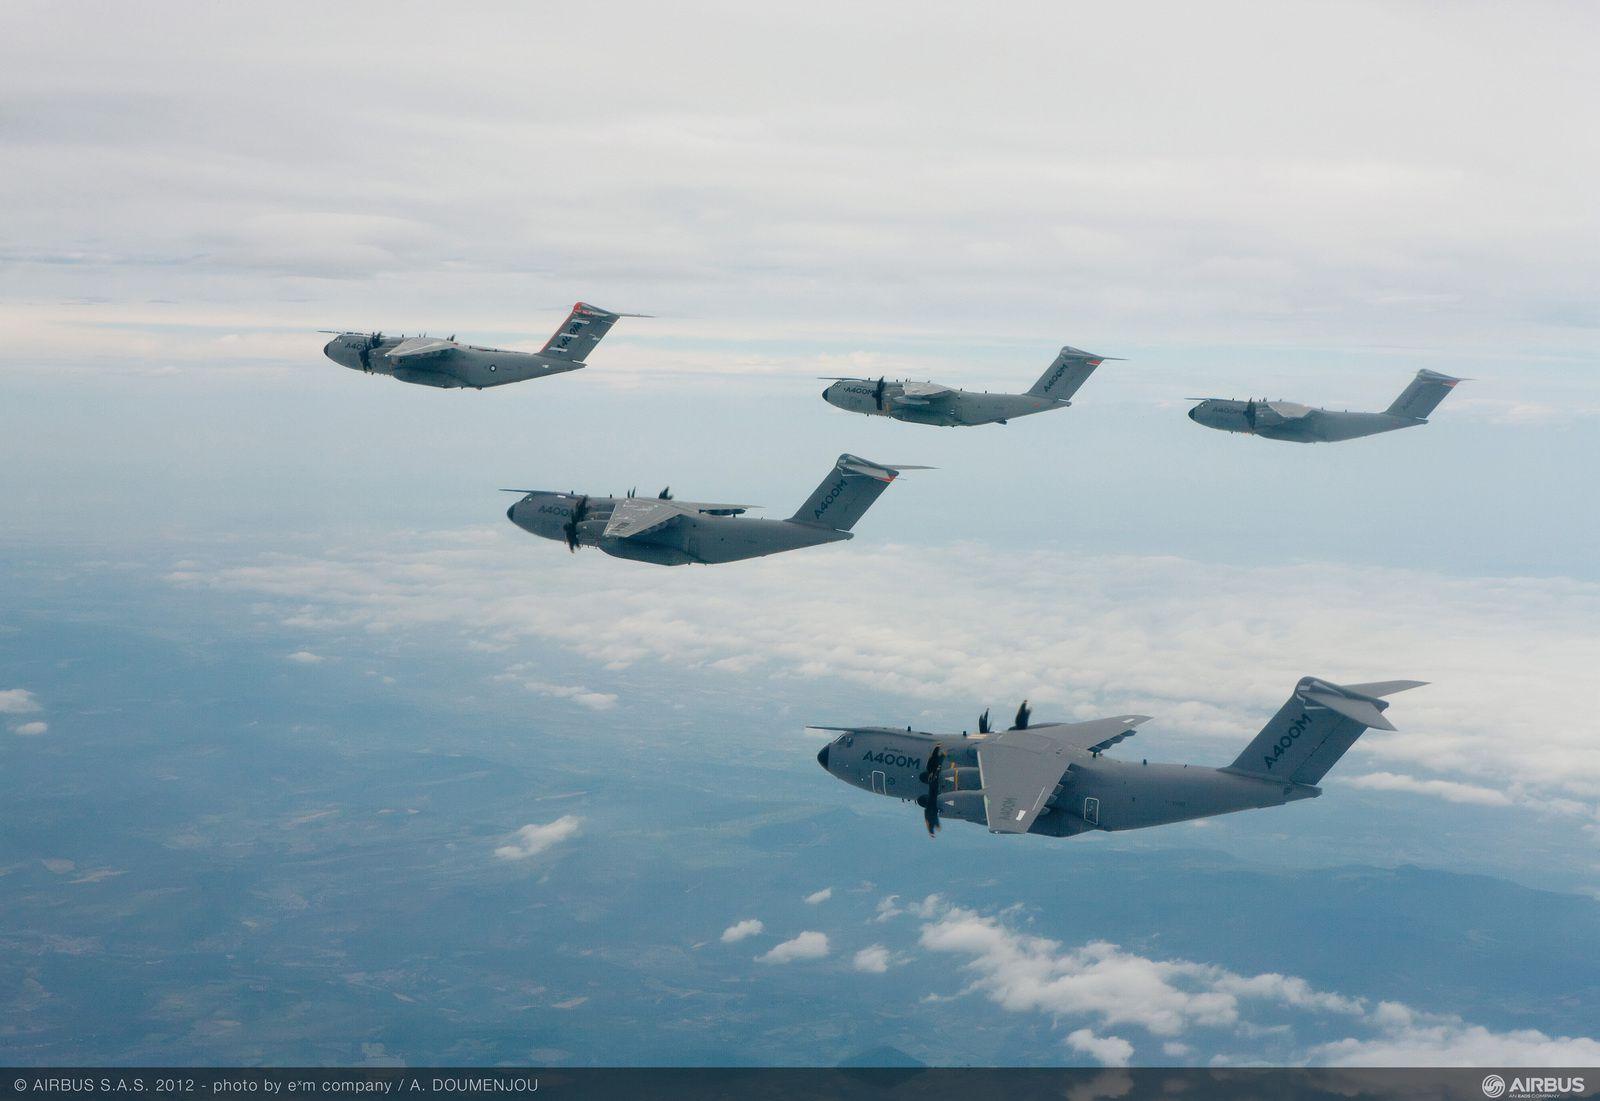 Le Royaume-Uni, l'Allemagne et la Turquie clouent au sol leurs A400M